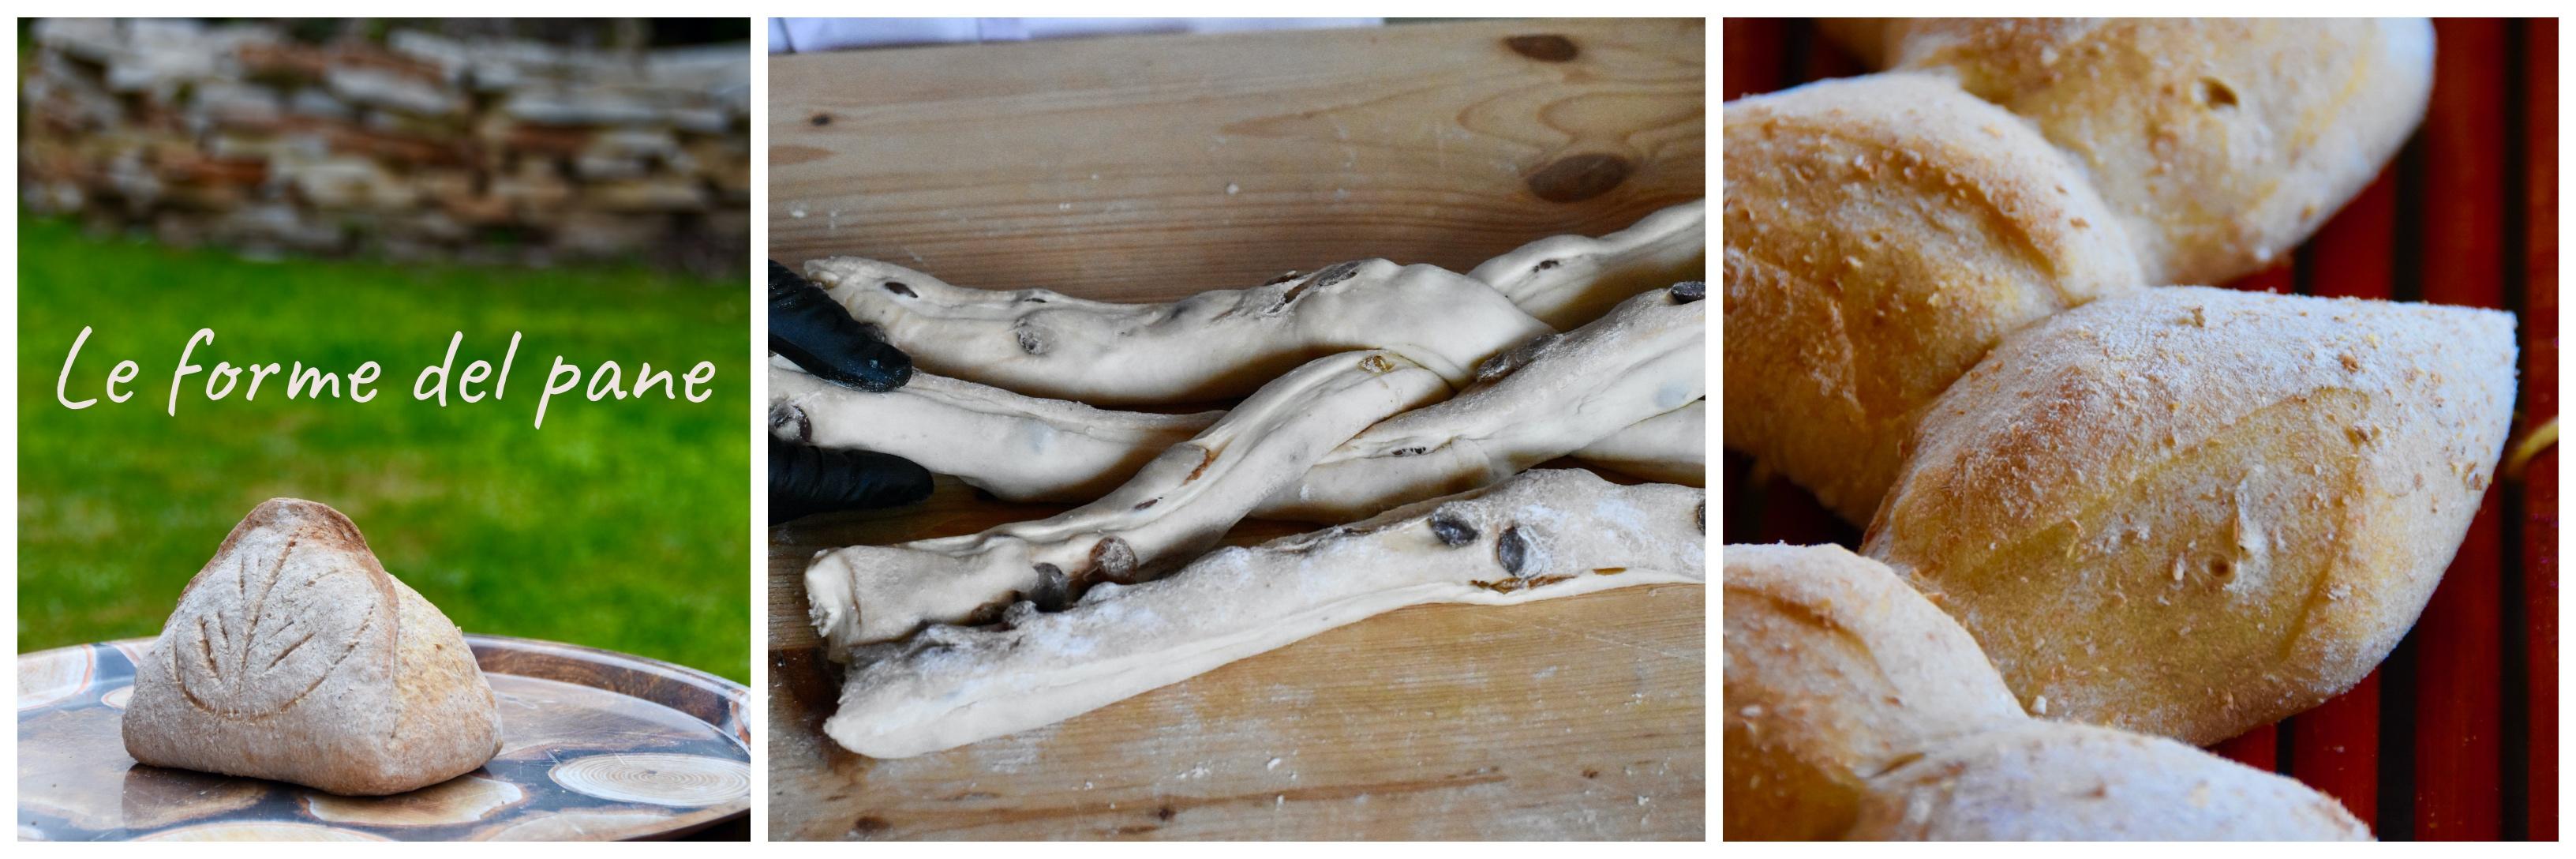 le forme del pane di profumodibroccoli